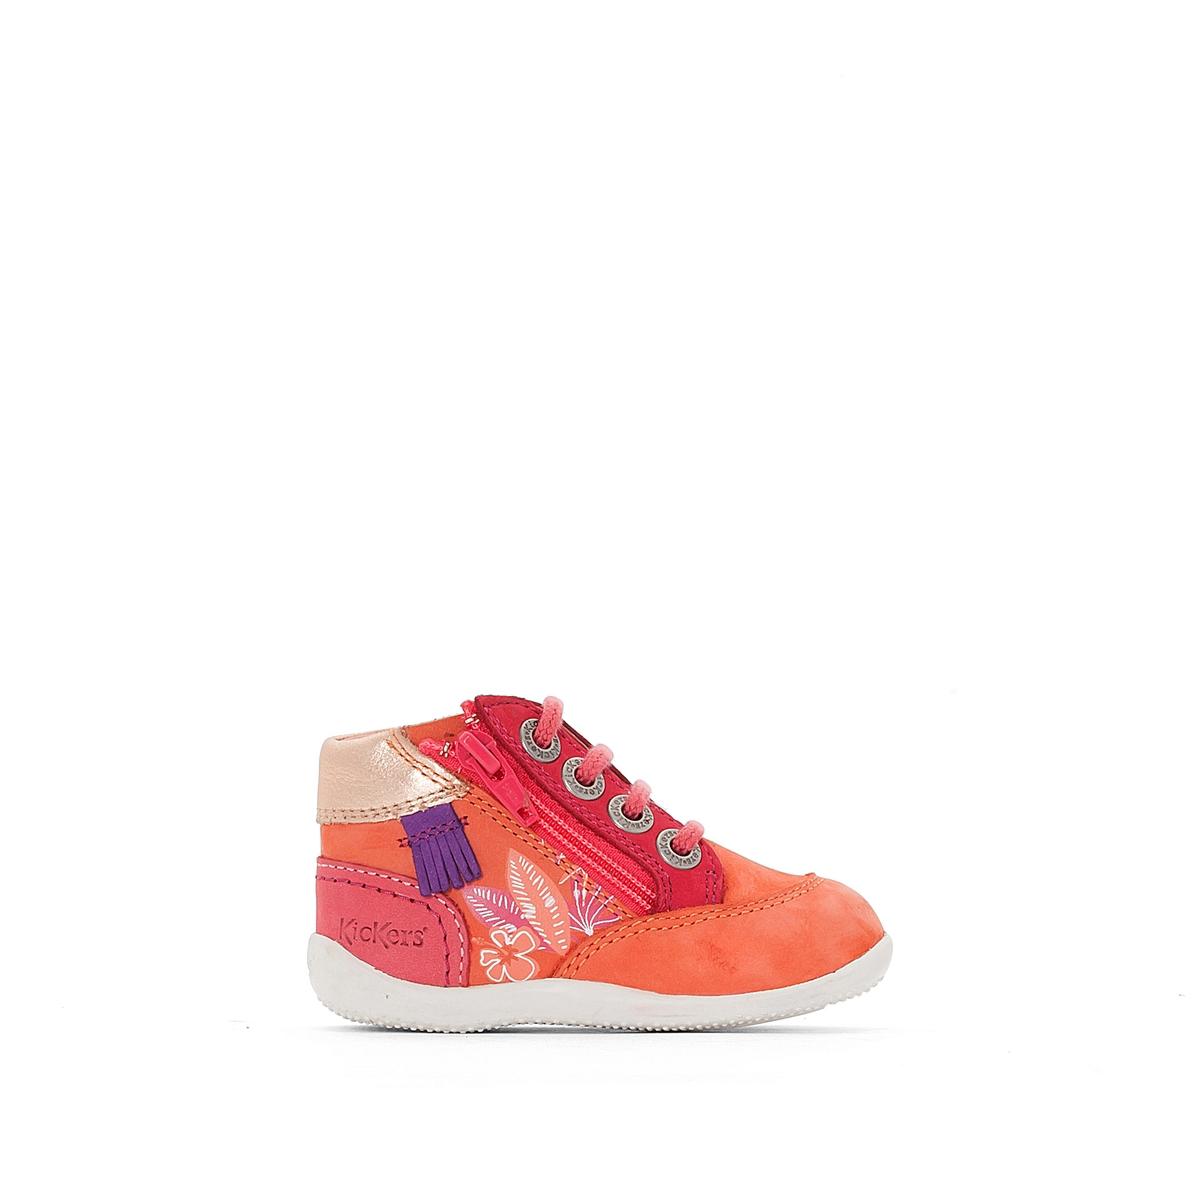 Ботинки Biflorid с цветочными деталямиВерх : нубук Подкладка : Без подкладки Стелька : ВелюрПодошва : Каучук Застежка : Шнуровка<br><br>Цвет: коралловый/ розовый<br>Размер: 19